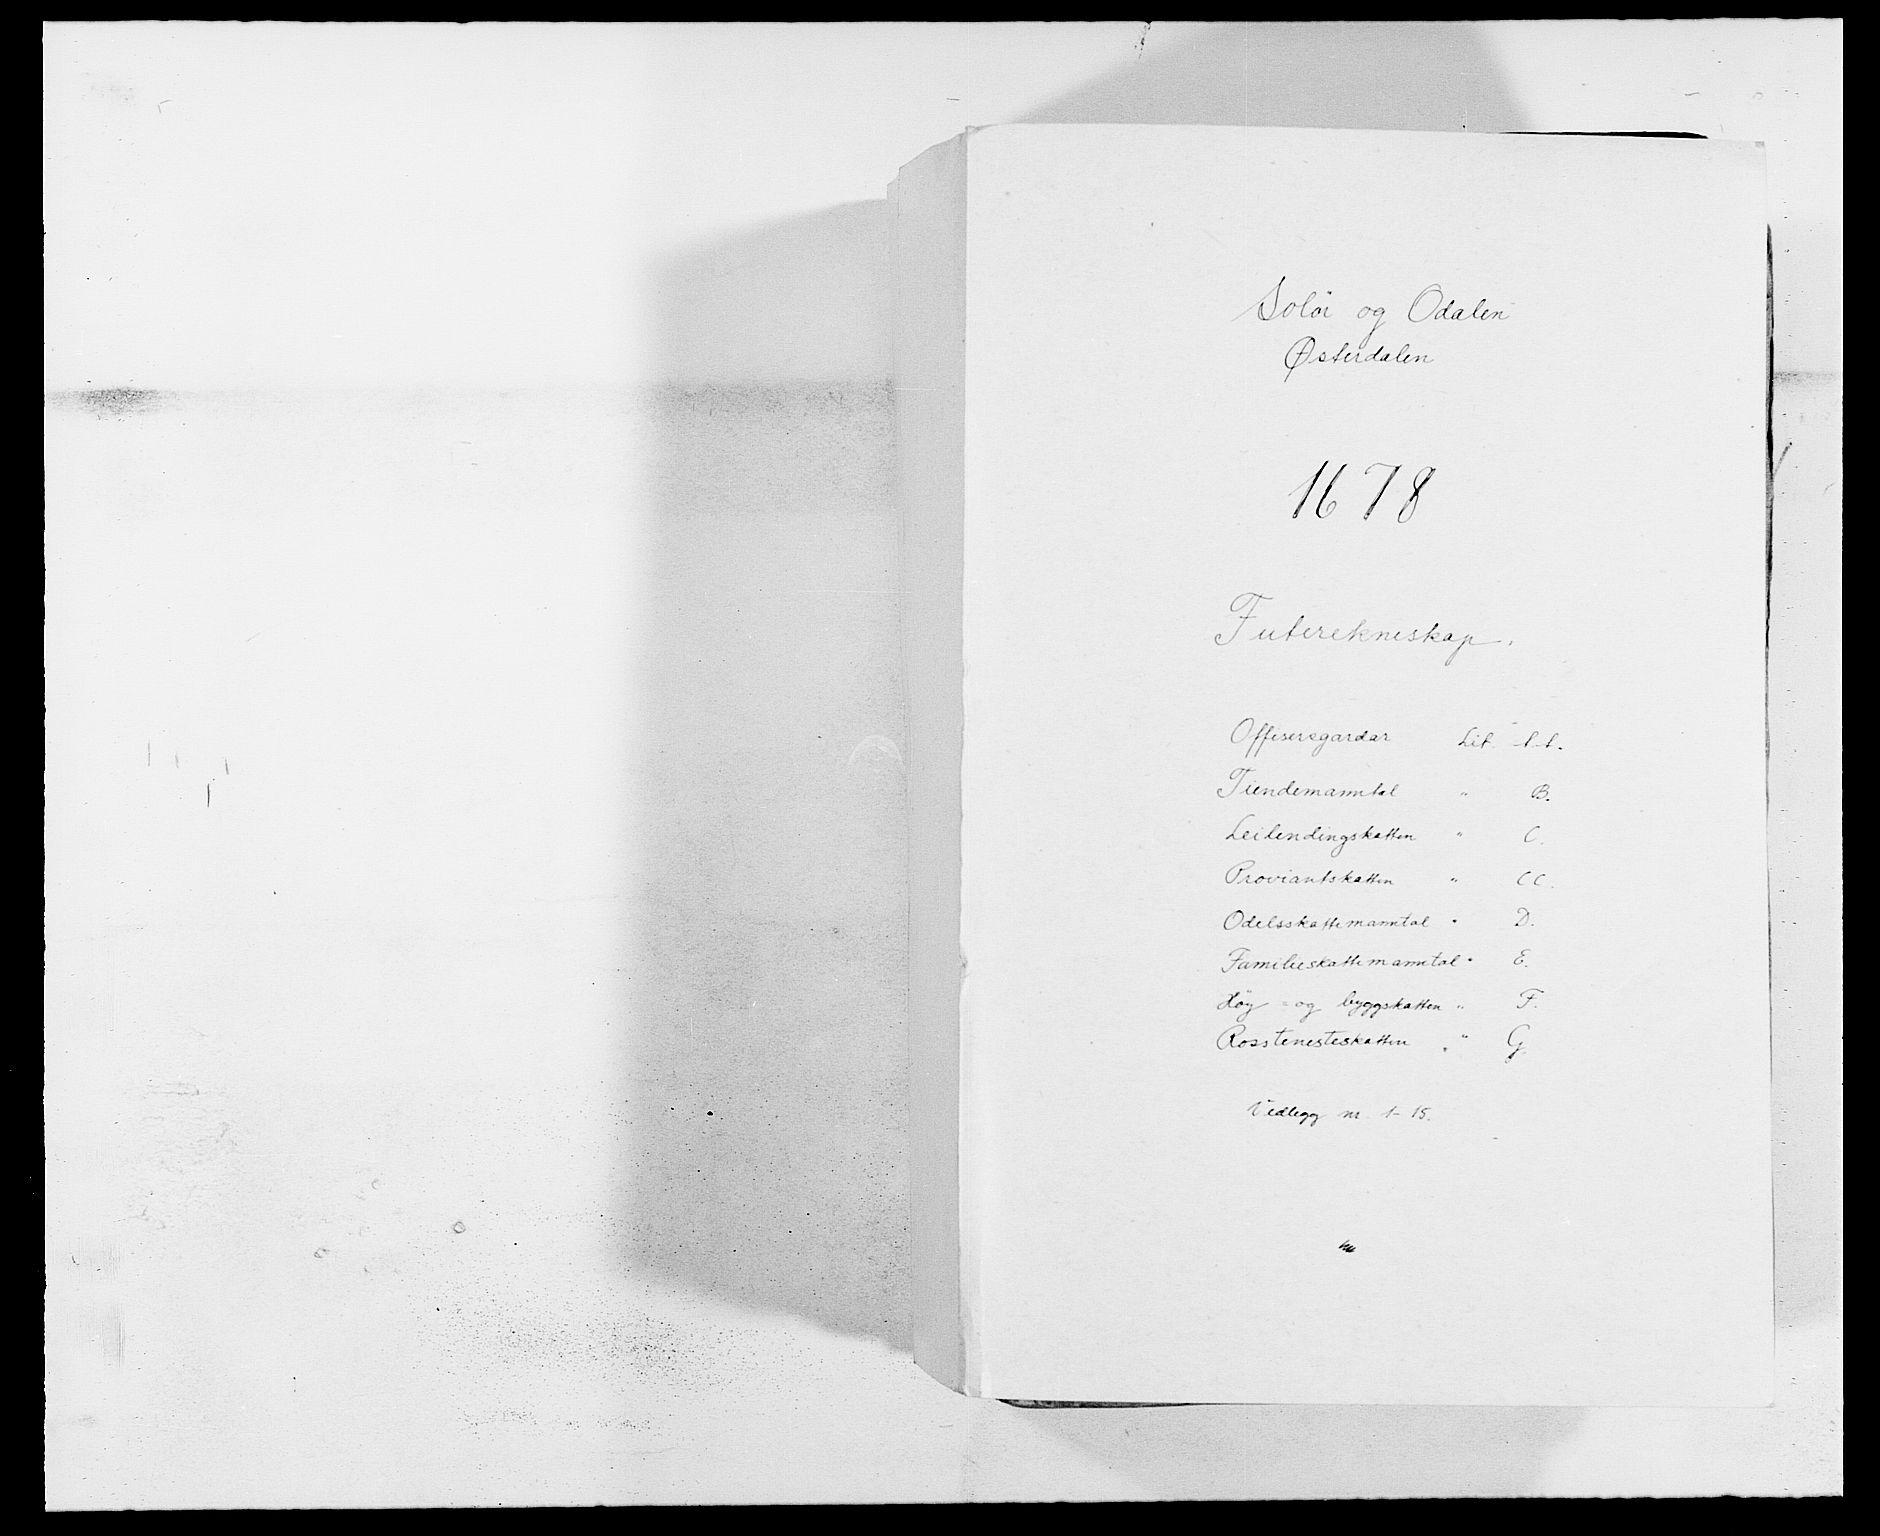 RA, Rentekammeret inntil 1814, Reviderte regnskaper, Fogderegnskap, R13/L0814: Fogderegnskap Solør, Odal og Østerdal, 1678, s. 1